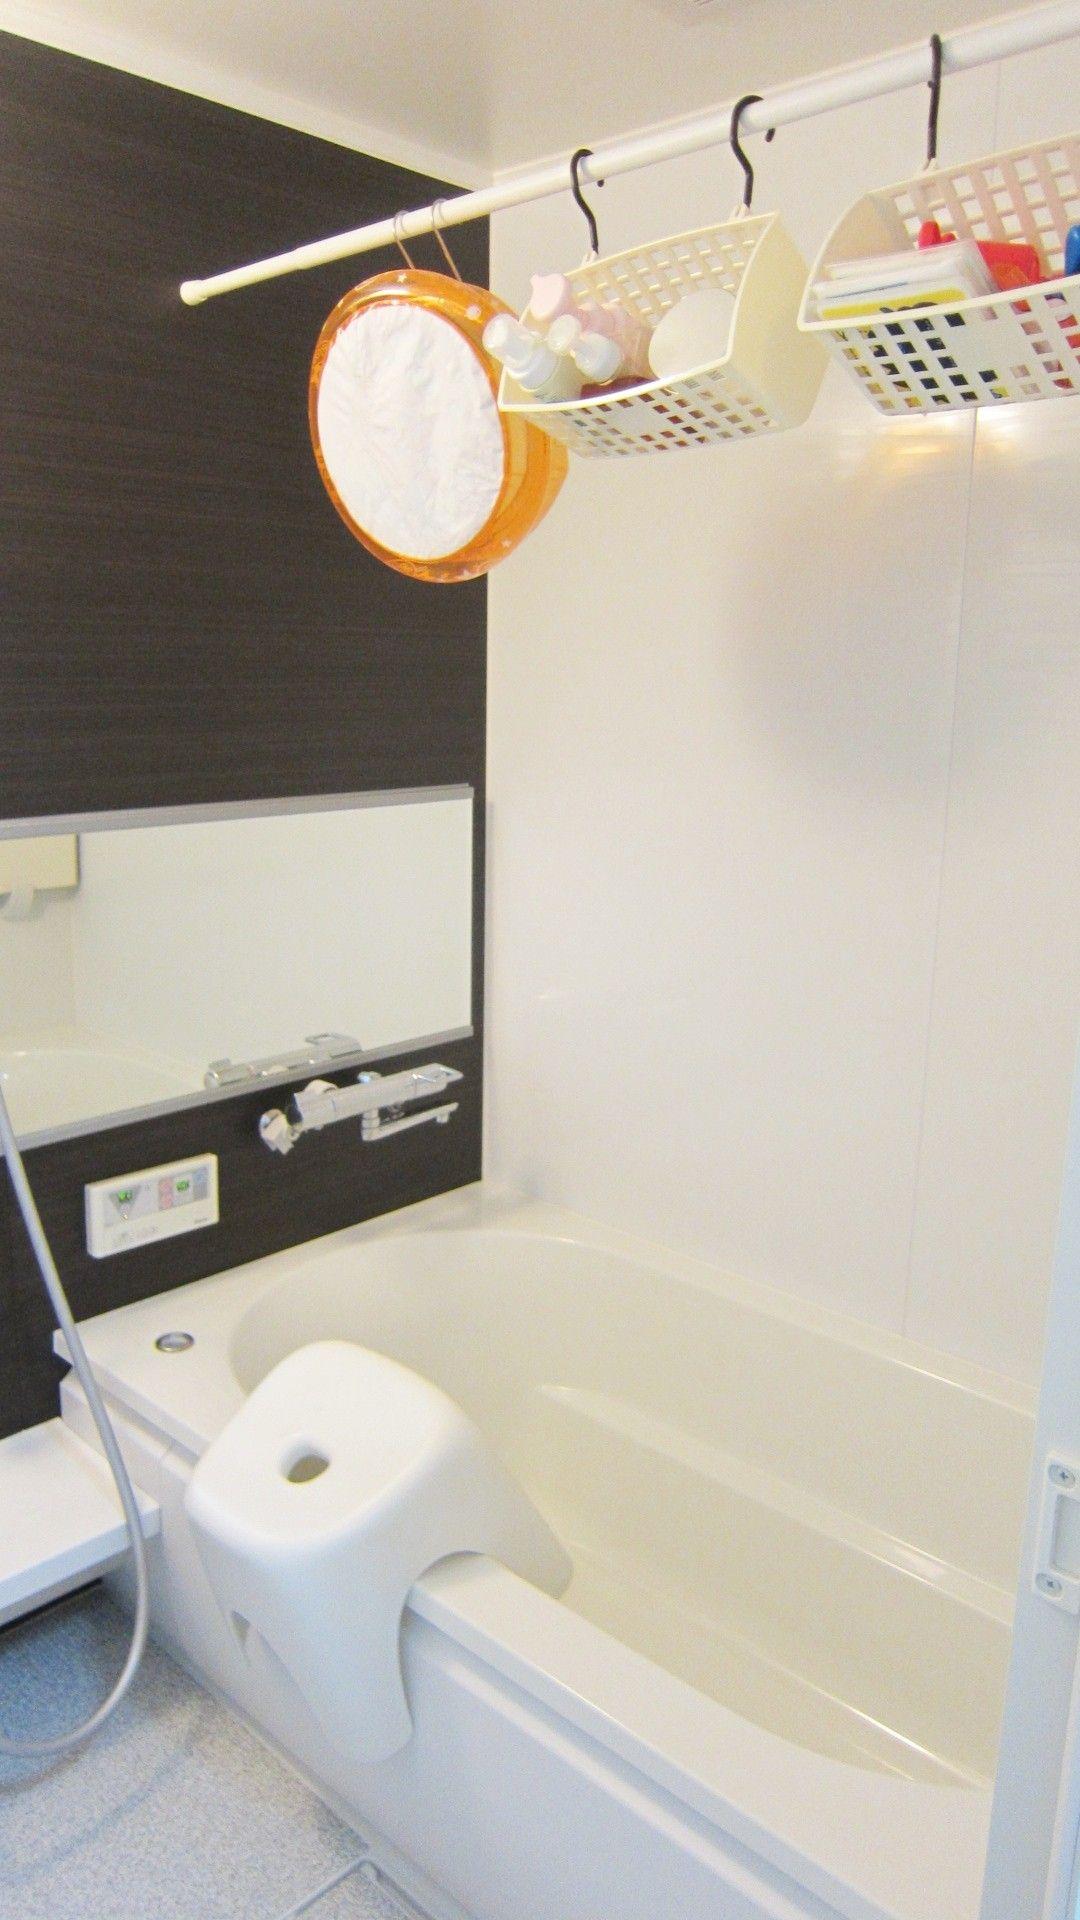 100均グッズで揃っちゃう 浴室 お風呂のアイデア収納術 Suvaco